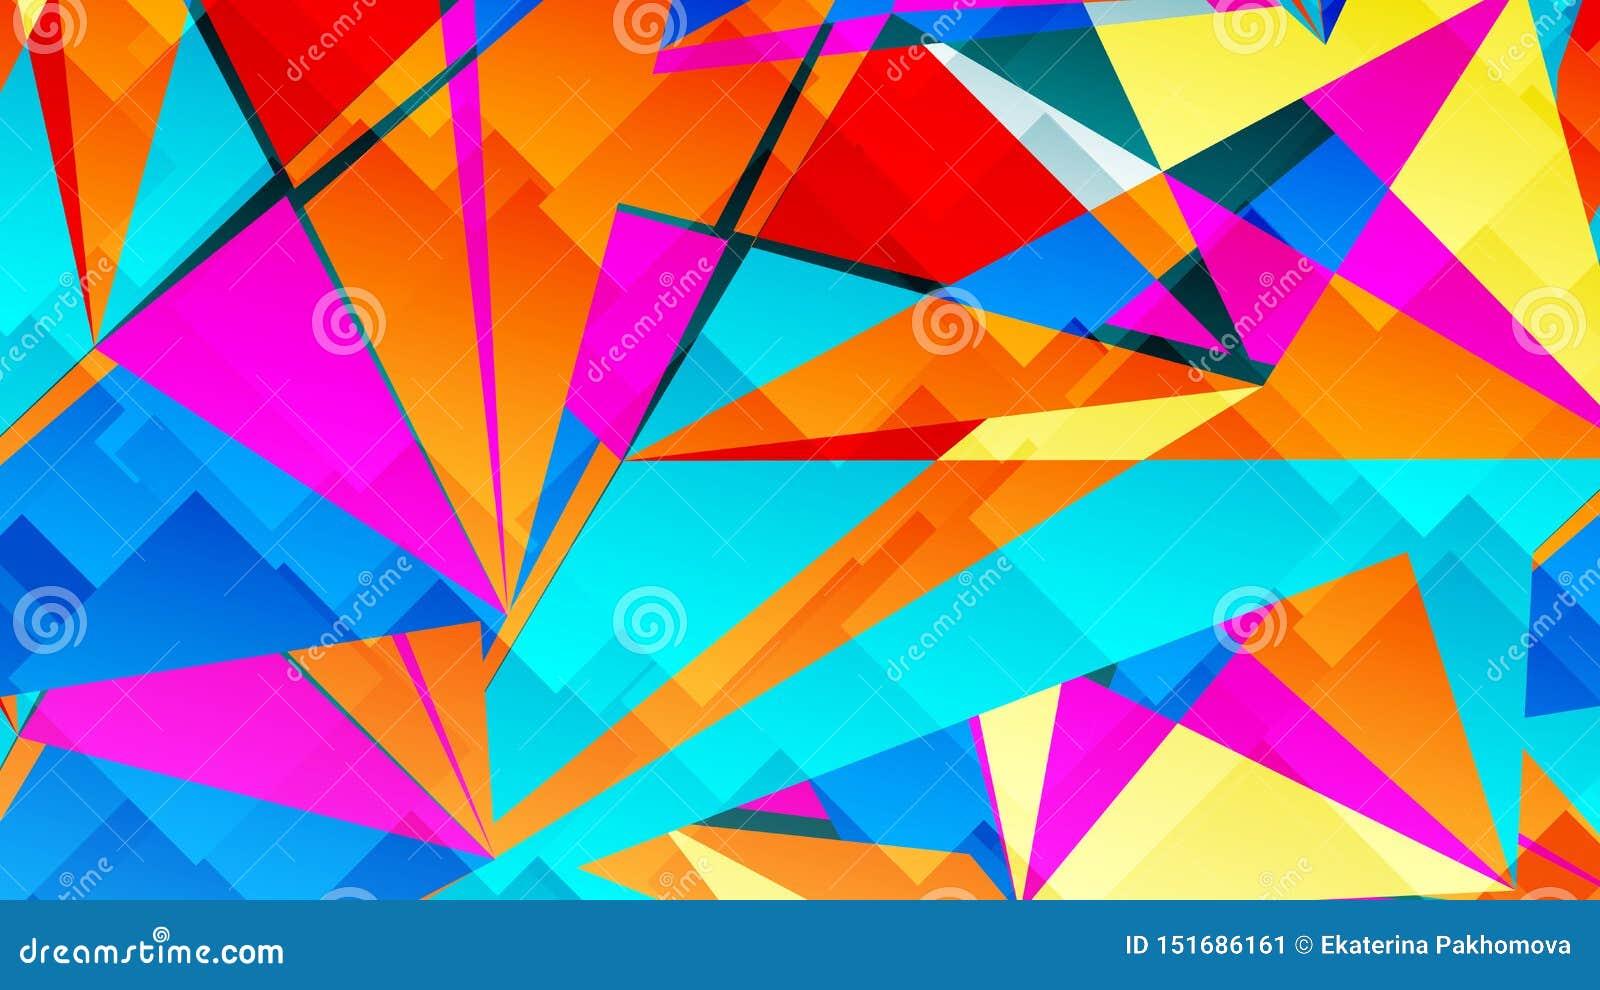 Αφηρημένη κάρτα με τα ζωηρόχρωμα χαοτικά τρίγωνα, πολύγωνα Τριγωνική ακατάστατη γεωμετρική αφίσα απείρου